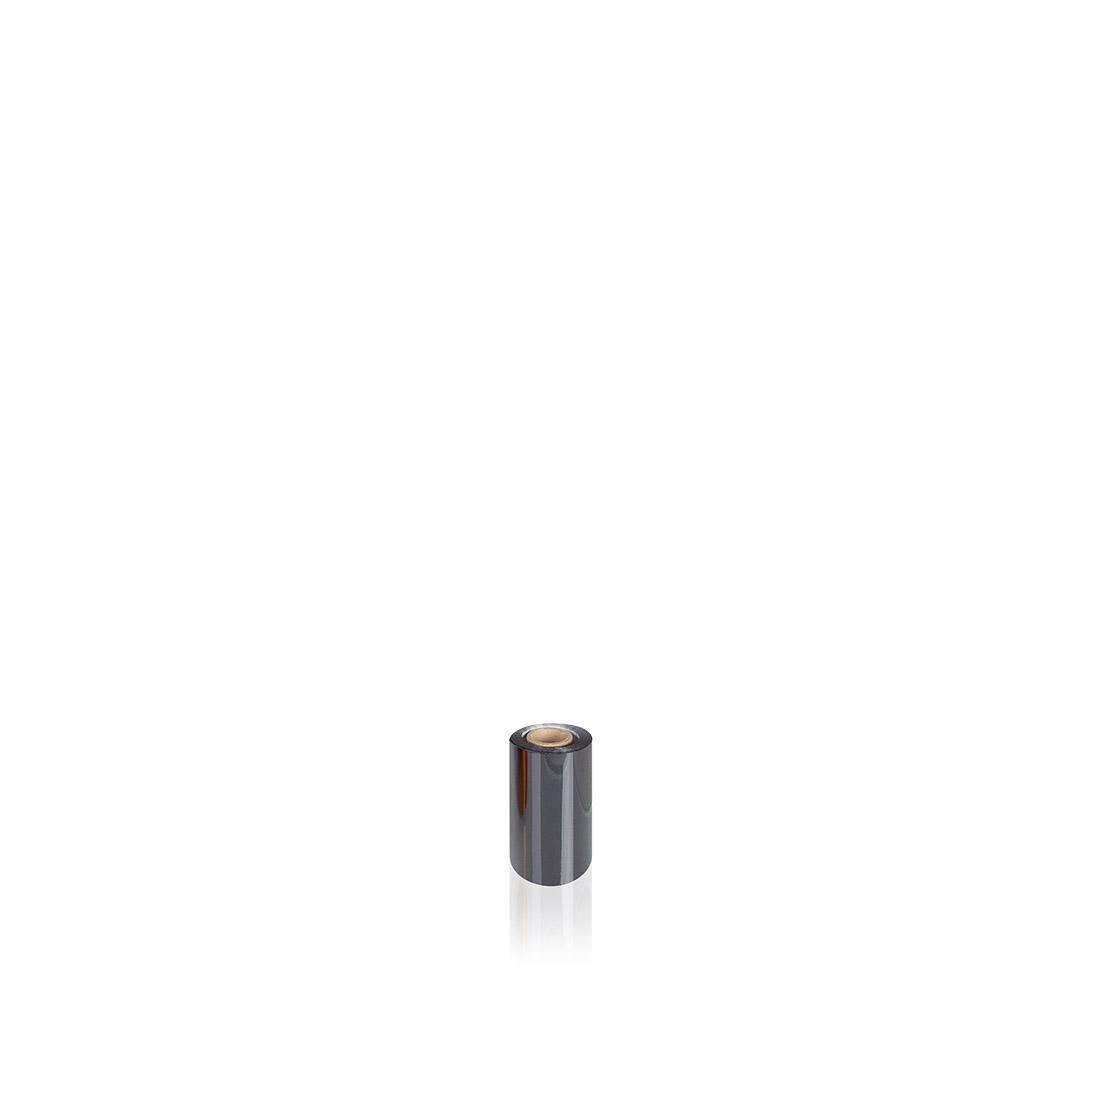 Uniwersalna folia do złoceń, nabłyszczeń w rolce - O.FOIL NEW UNIVERSAL - 10,6 cm x 120 m - czarny